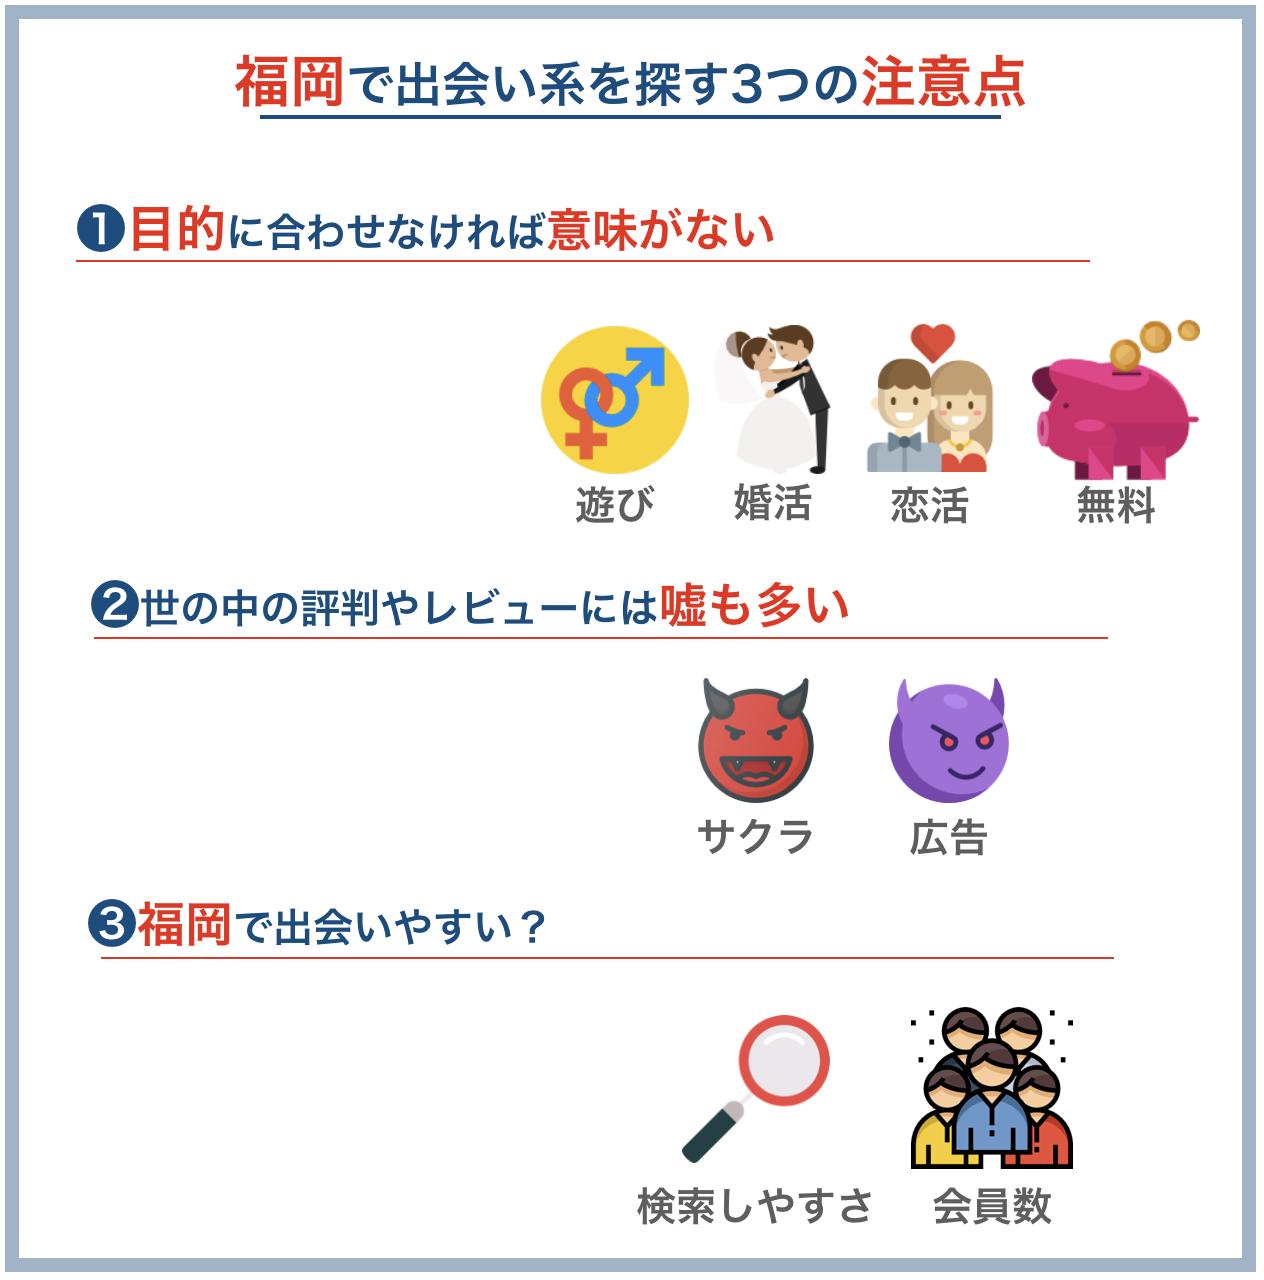 福岡で出会い系を探す3つの注意点